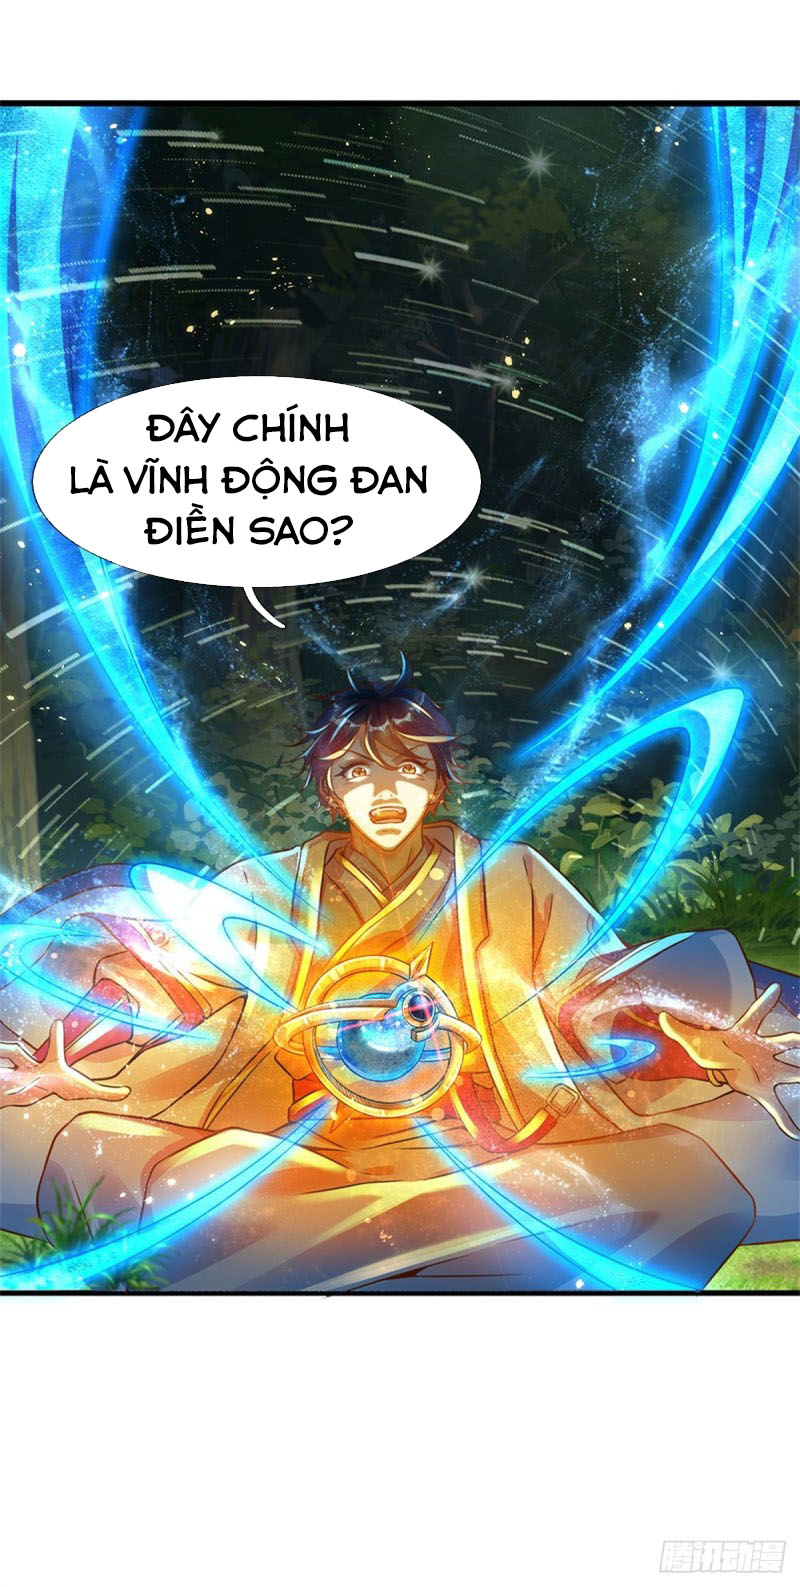 Bắt Đầu Với Chí Tôn Đan Điền Chapter 1 - upload bởi truyensieuhay.com